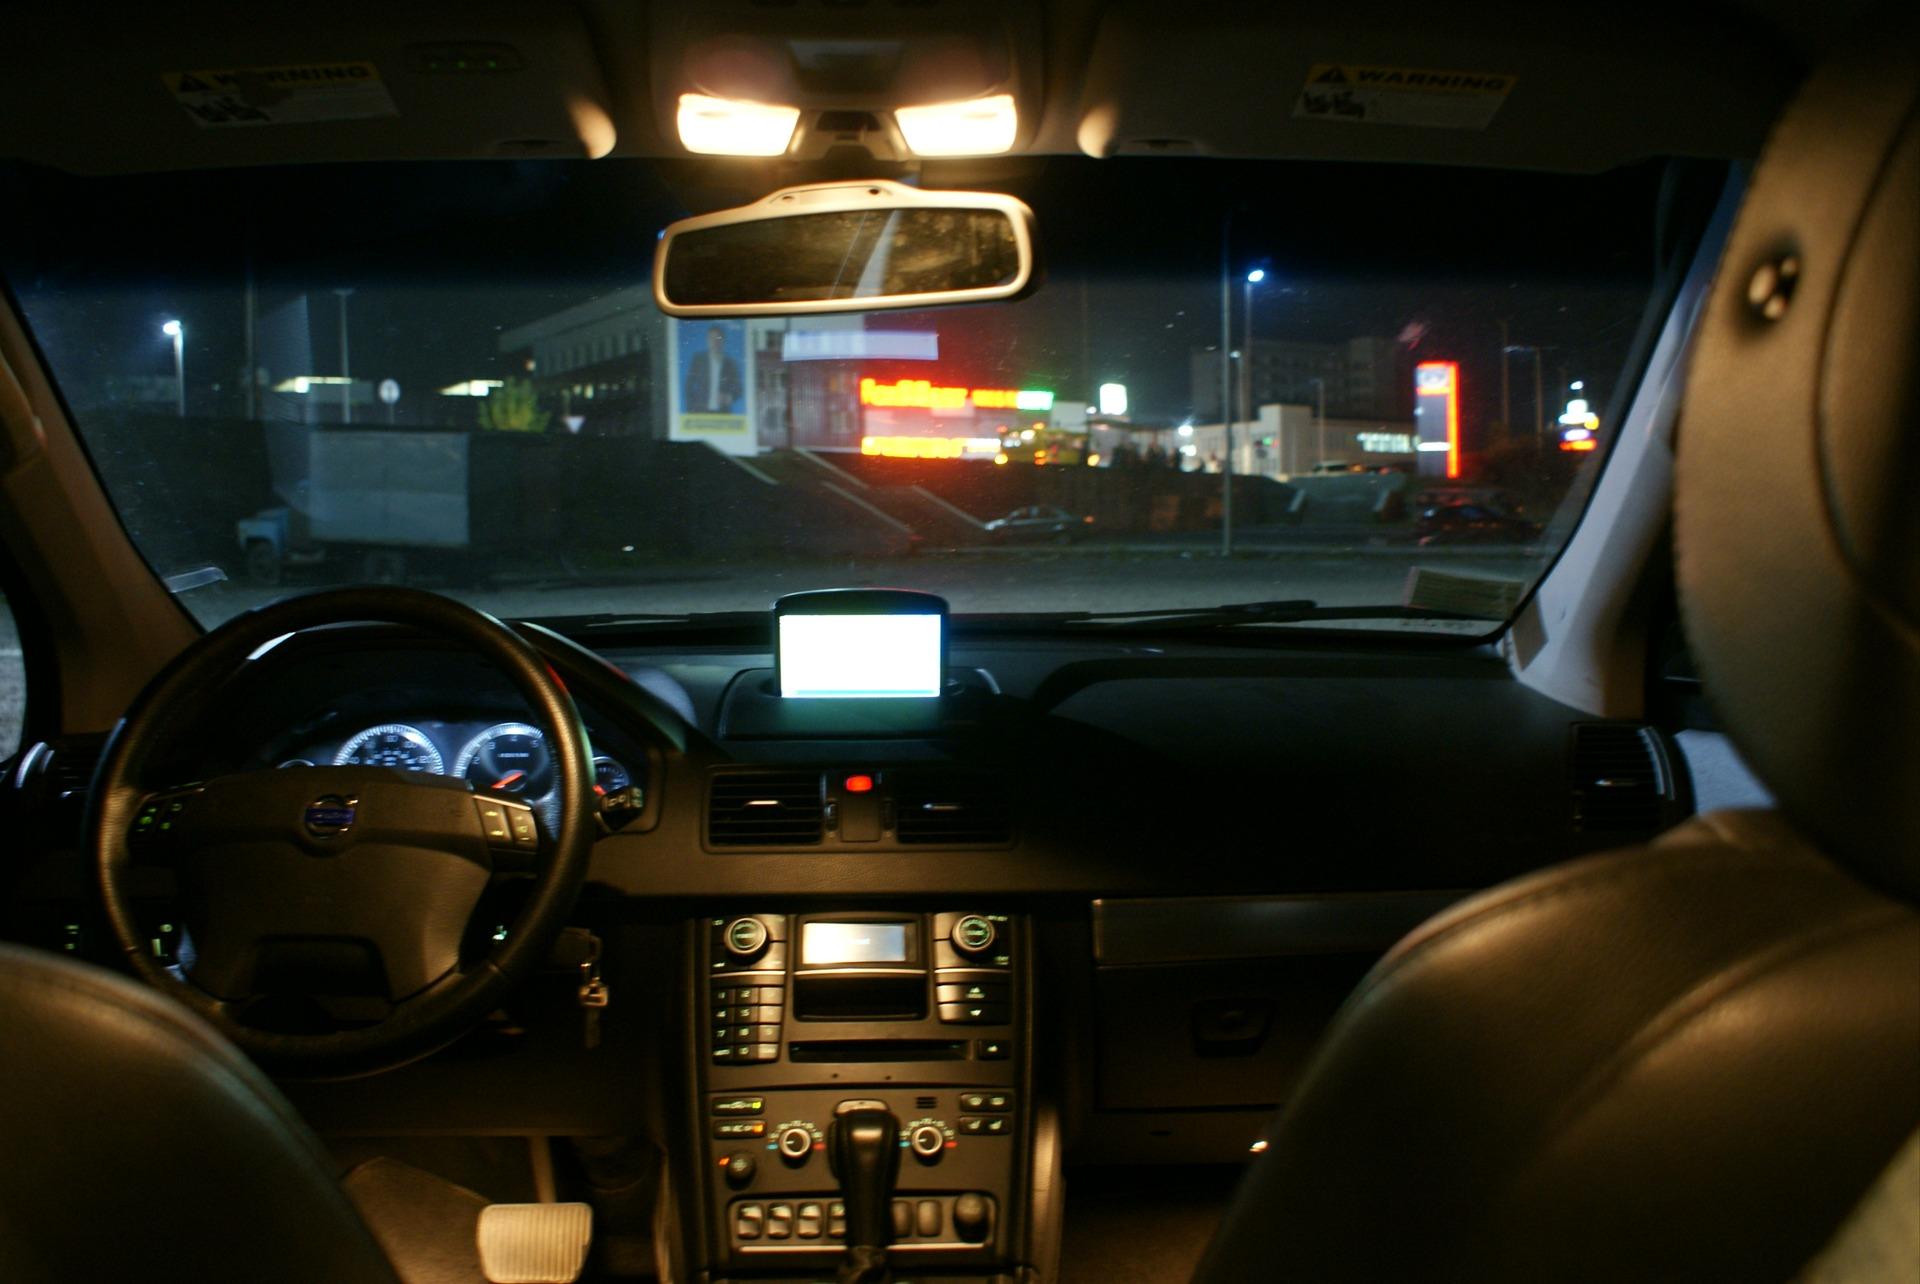 Картинка салона машины ночью